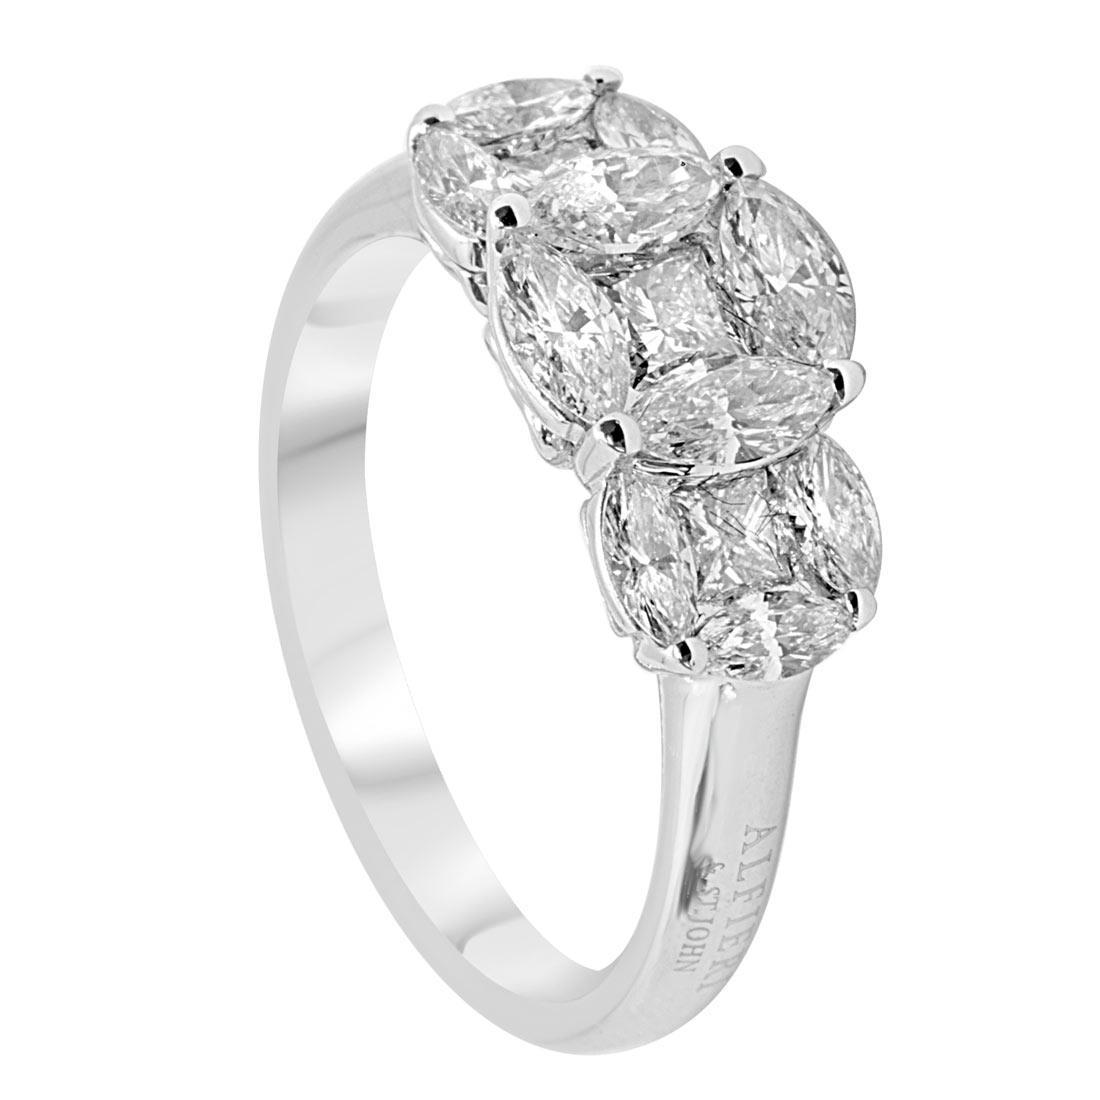 Anello trilogy in oro bianco con diamanti 1,47 ct mis 15 - ALFIERI ST JOHN